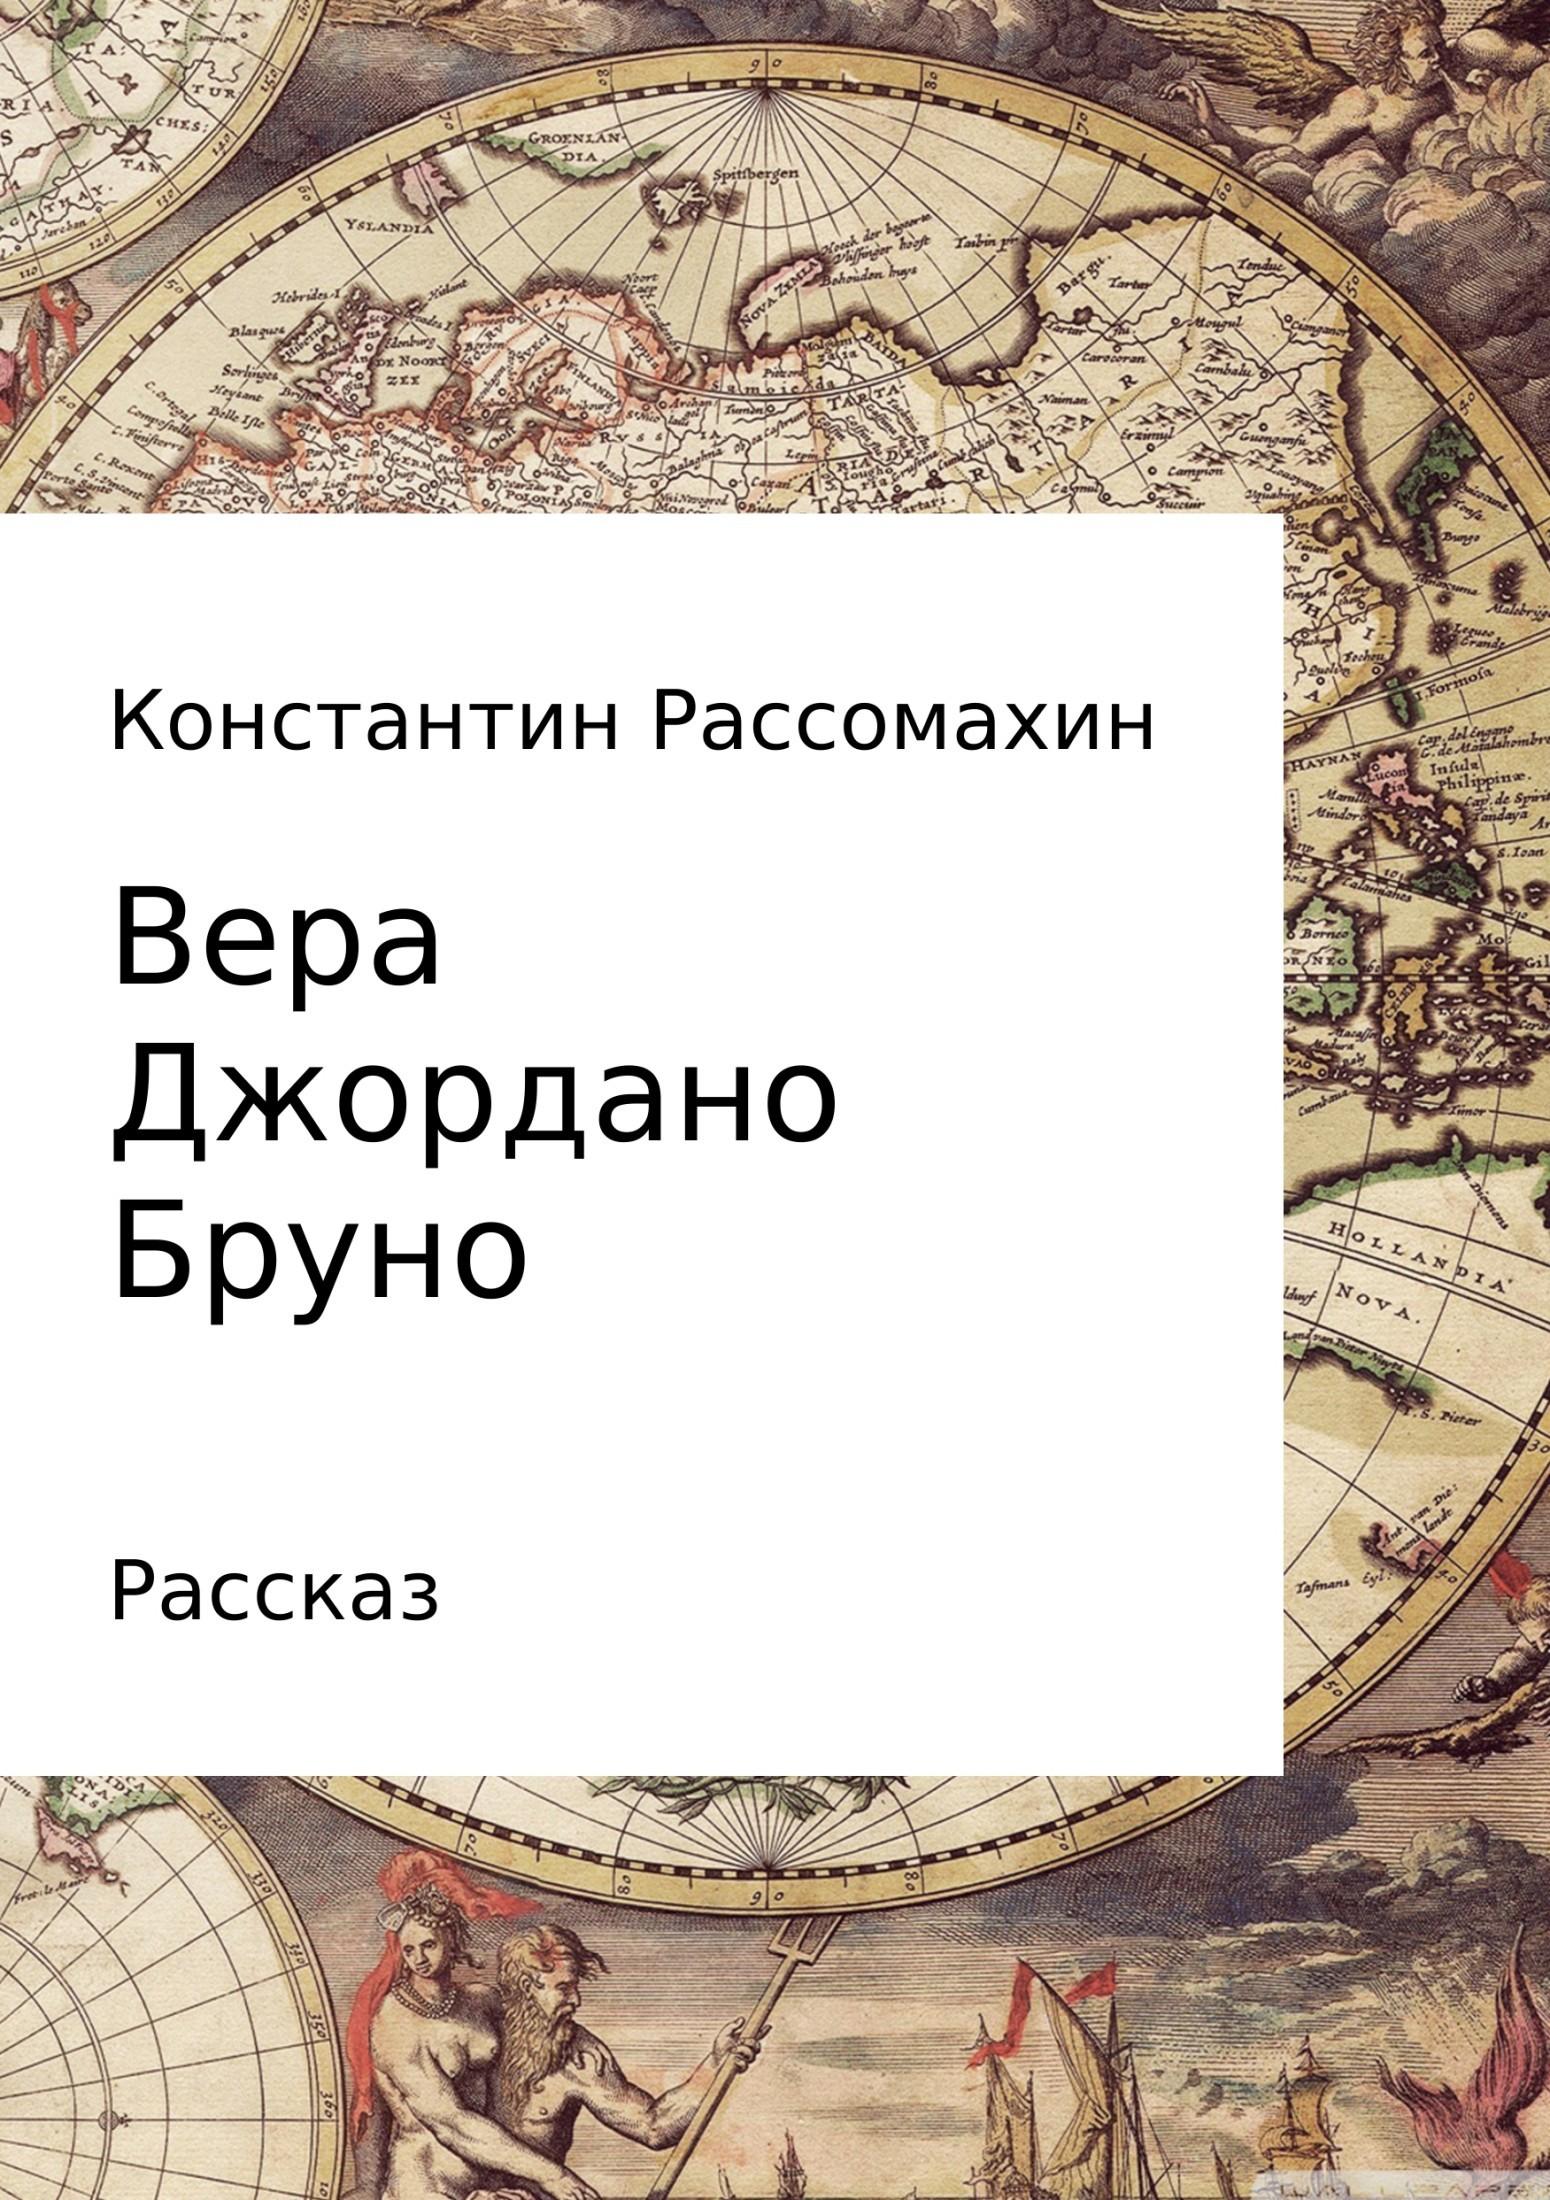 Константин Рассомахин «Вера Джордано Бруно»